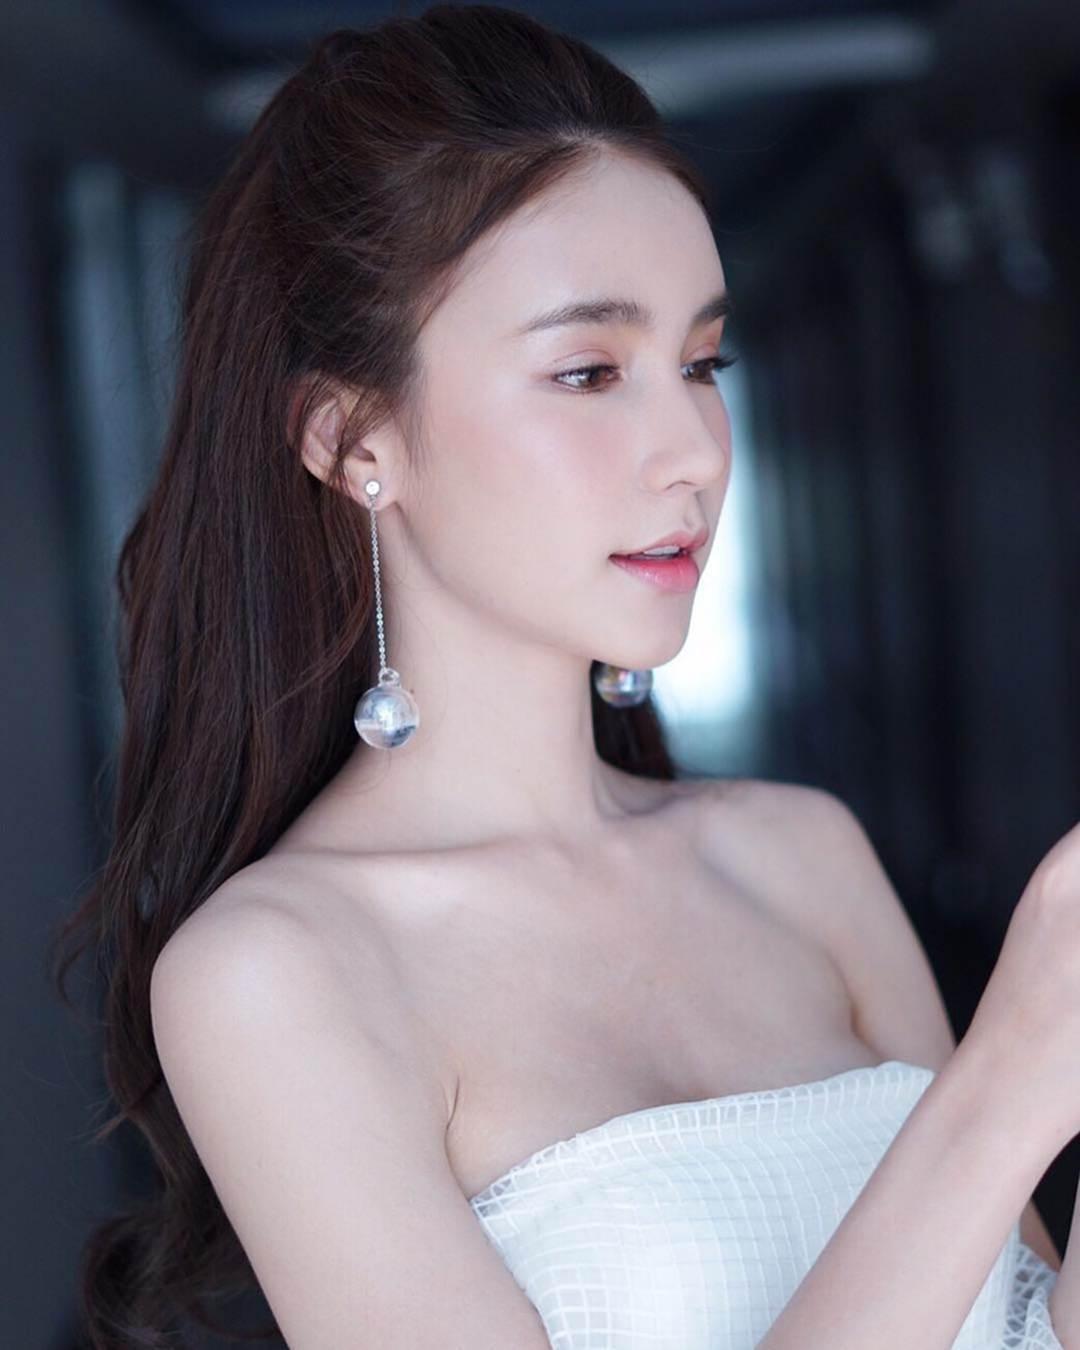 Nhan sắc xinh đẹp của nữ hoàng chuyển giới Thái Lan sau gần 2 năm-4